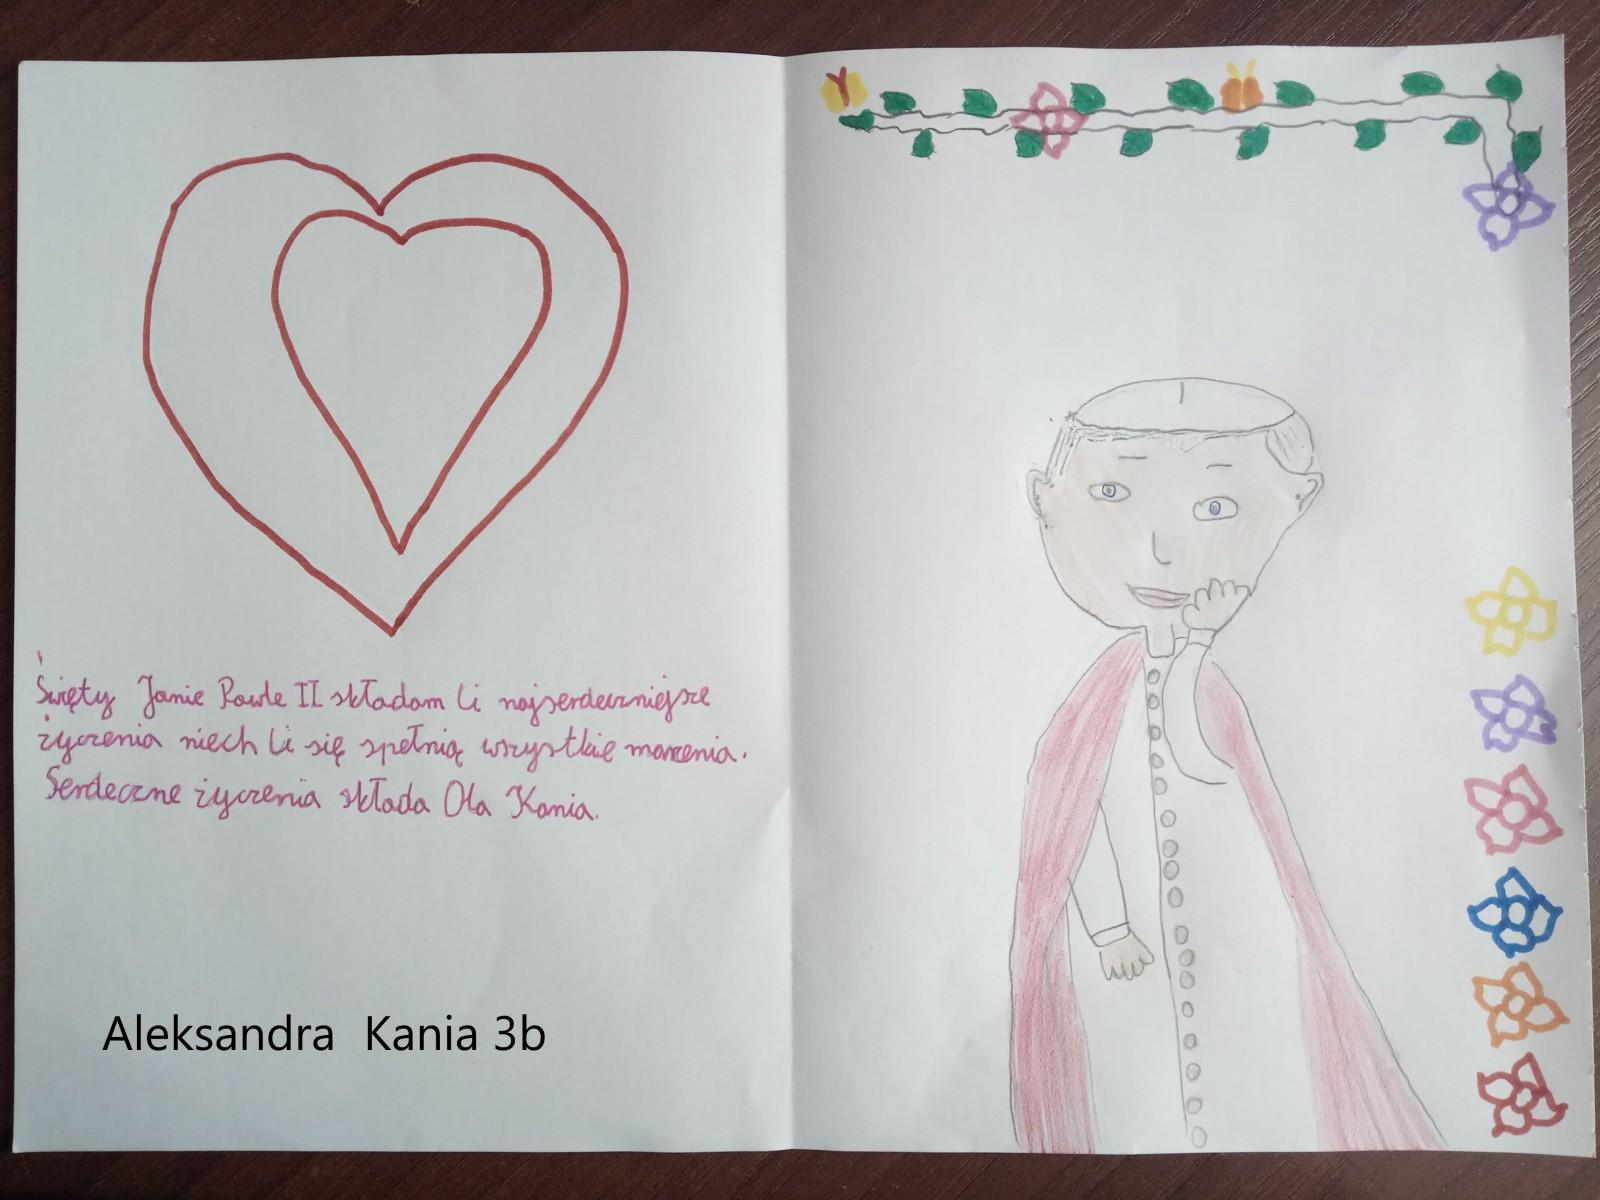 Aleksandra-Kania-3b-edytowany